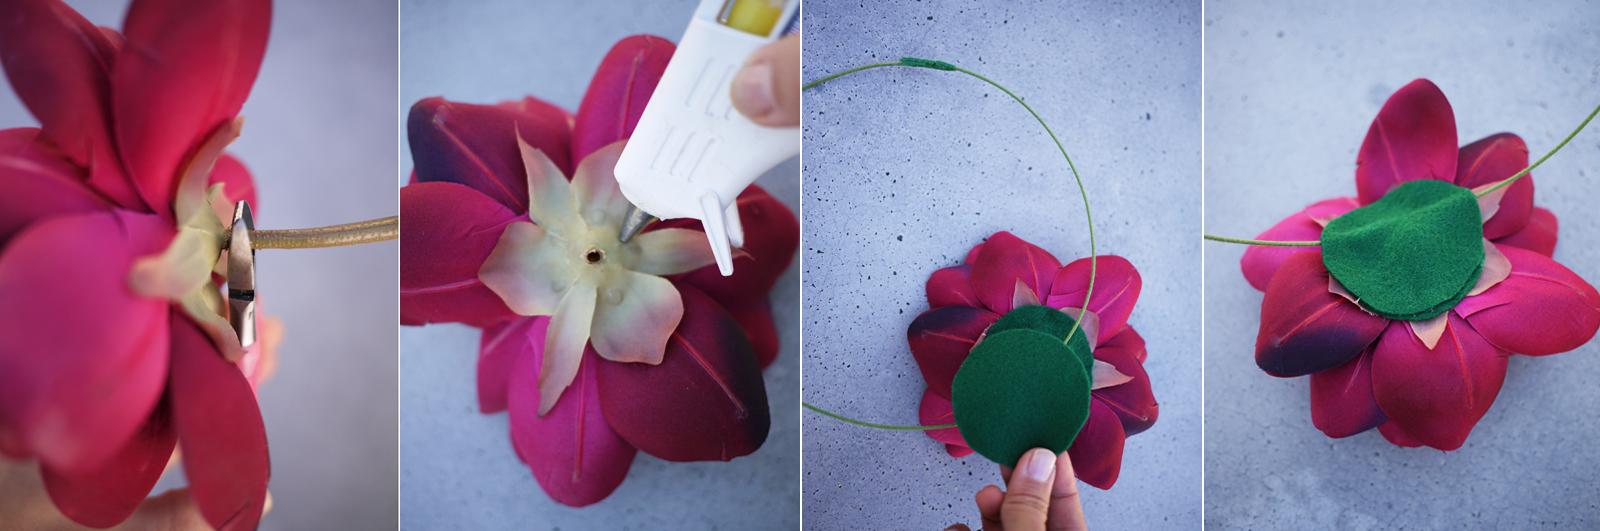 Сделать цветы на голову